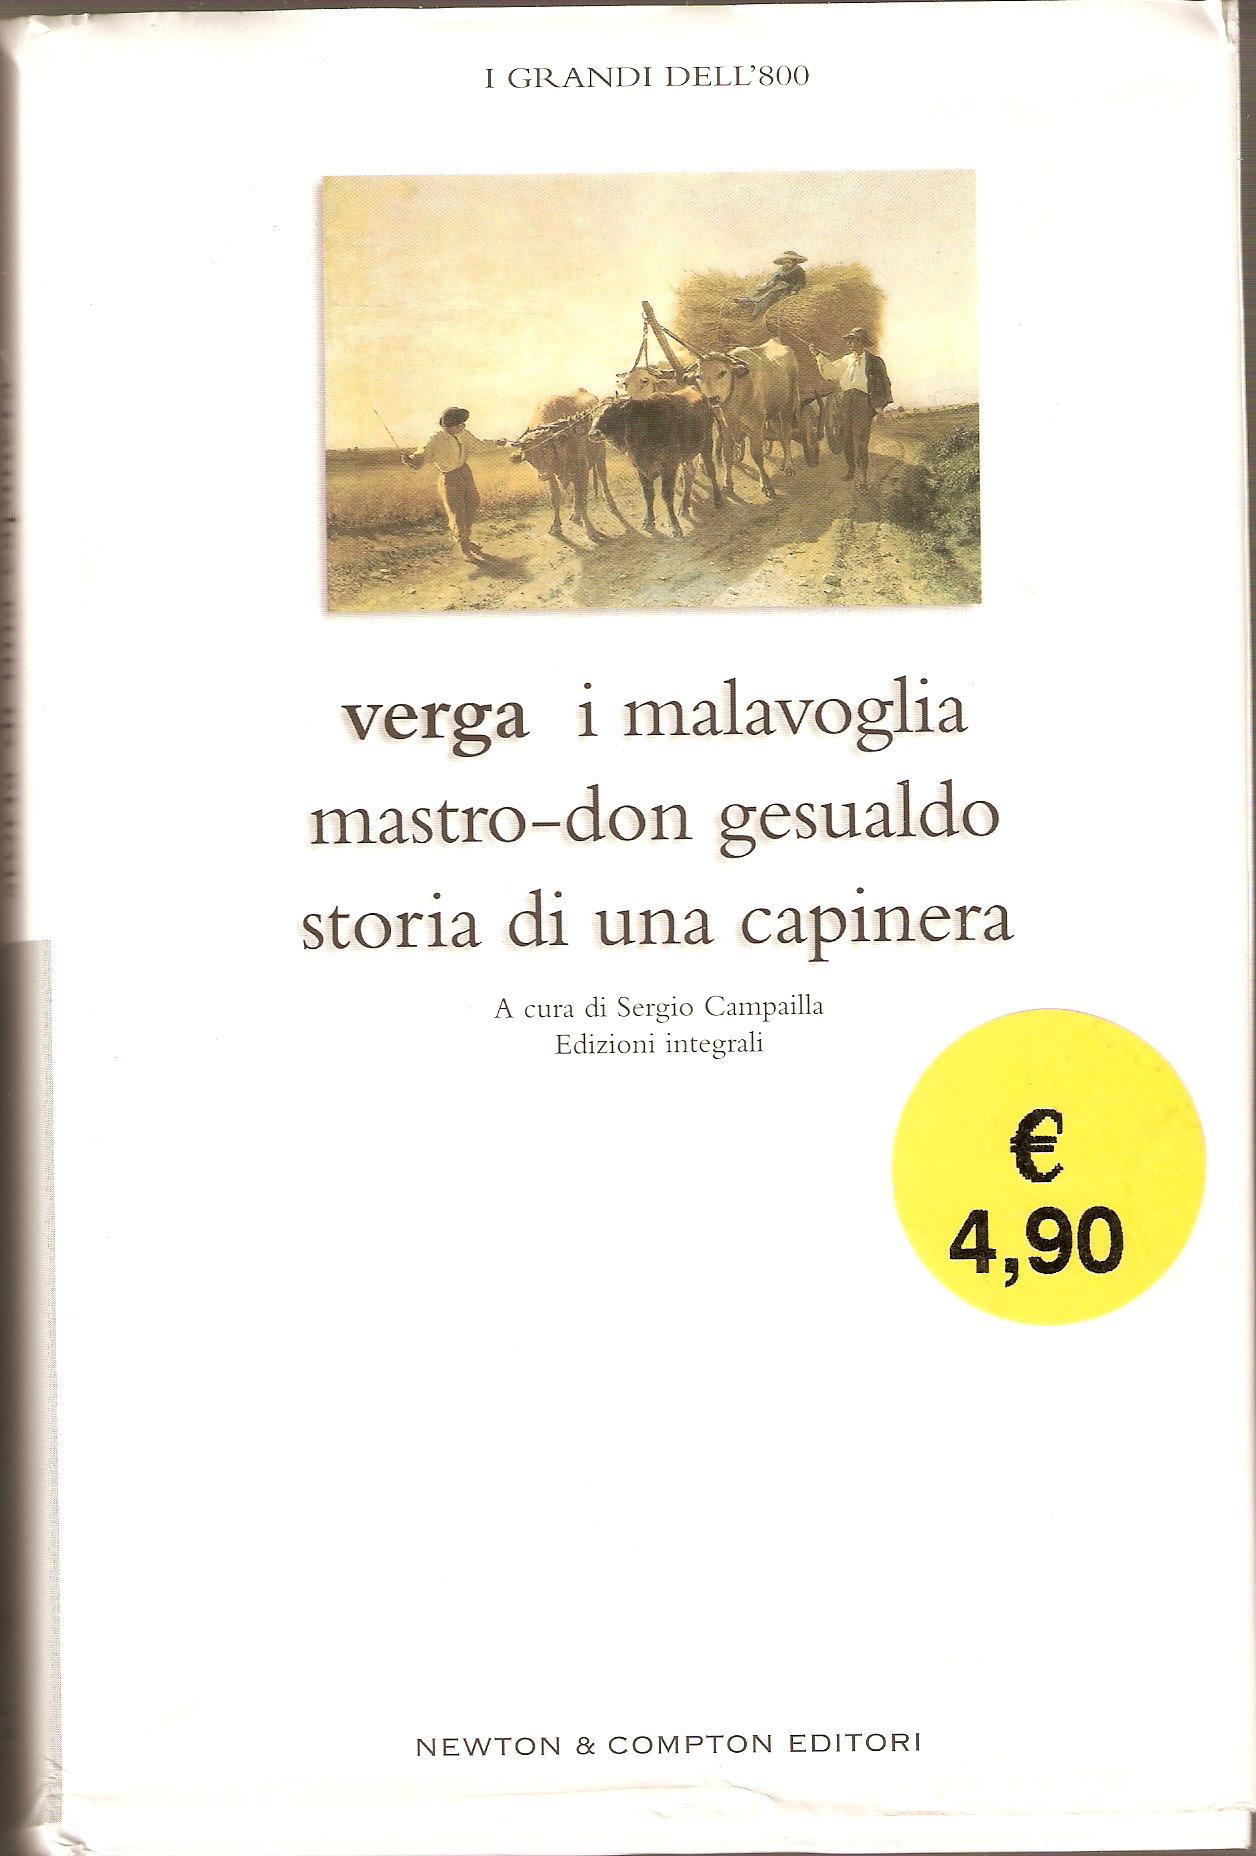 I Malavoglia; Mastro-Don Gesualdo; Storia di una Capinera